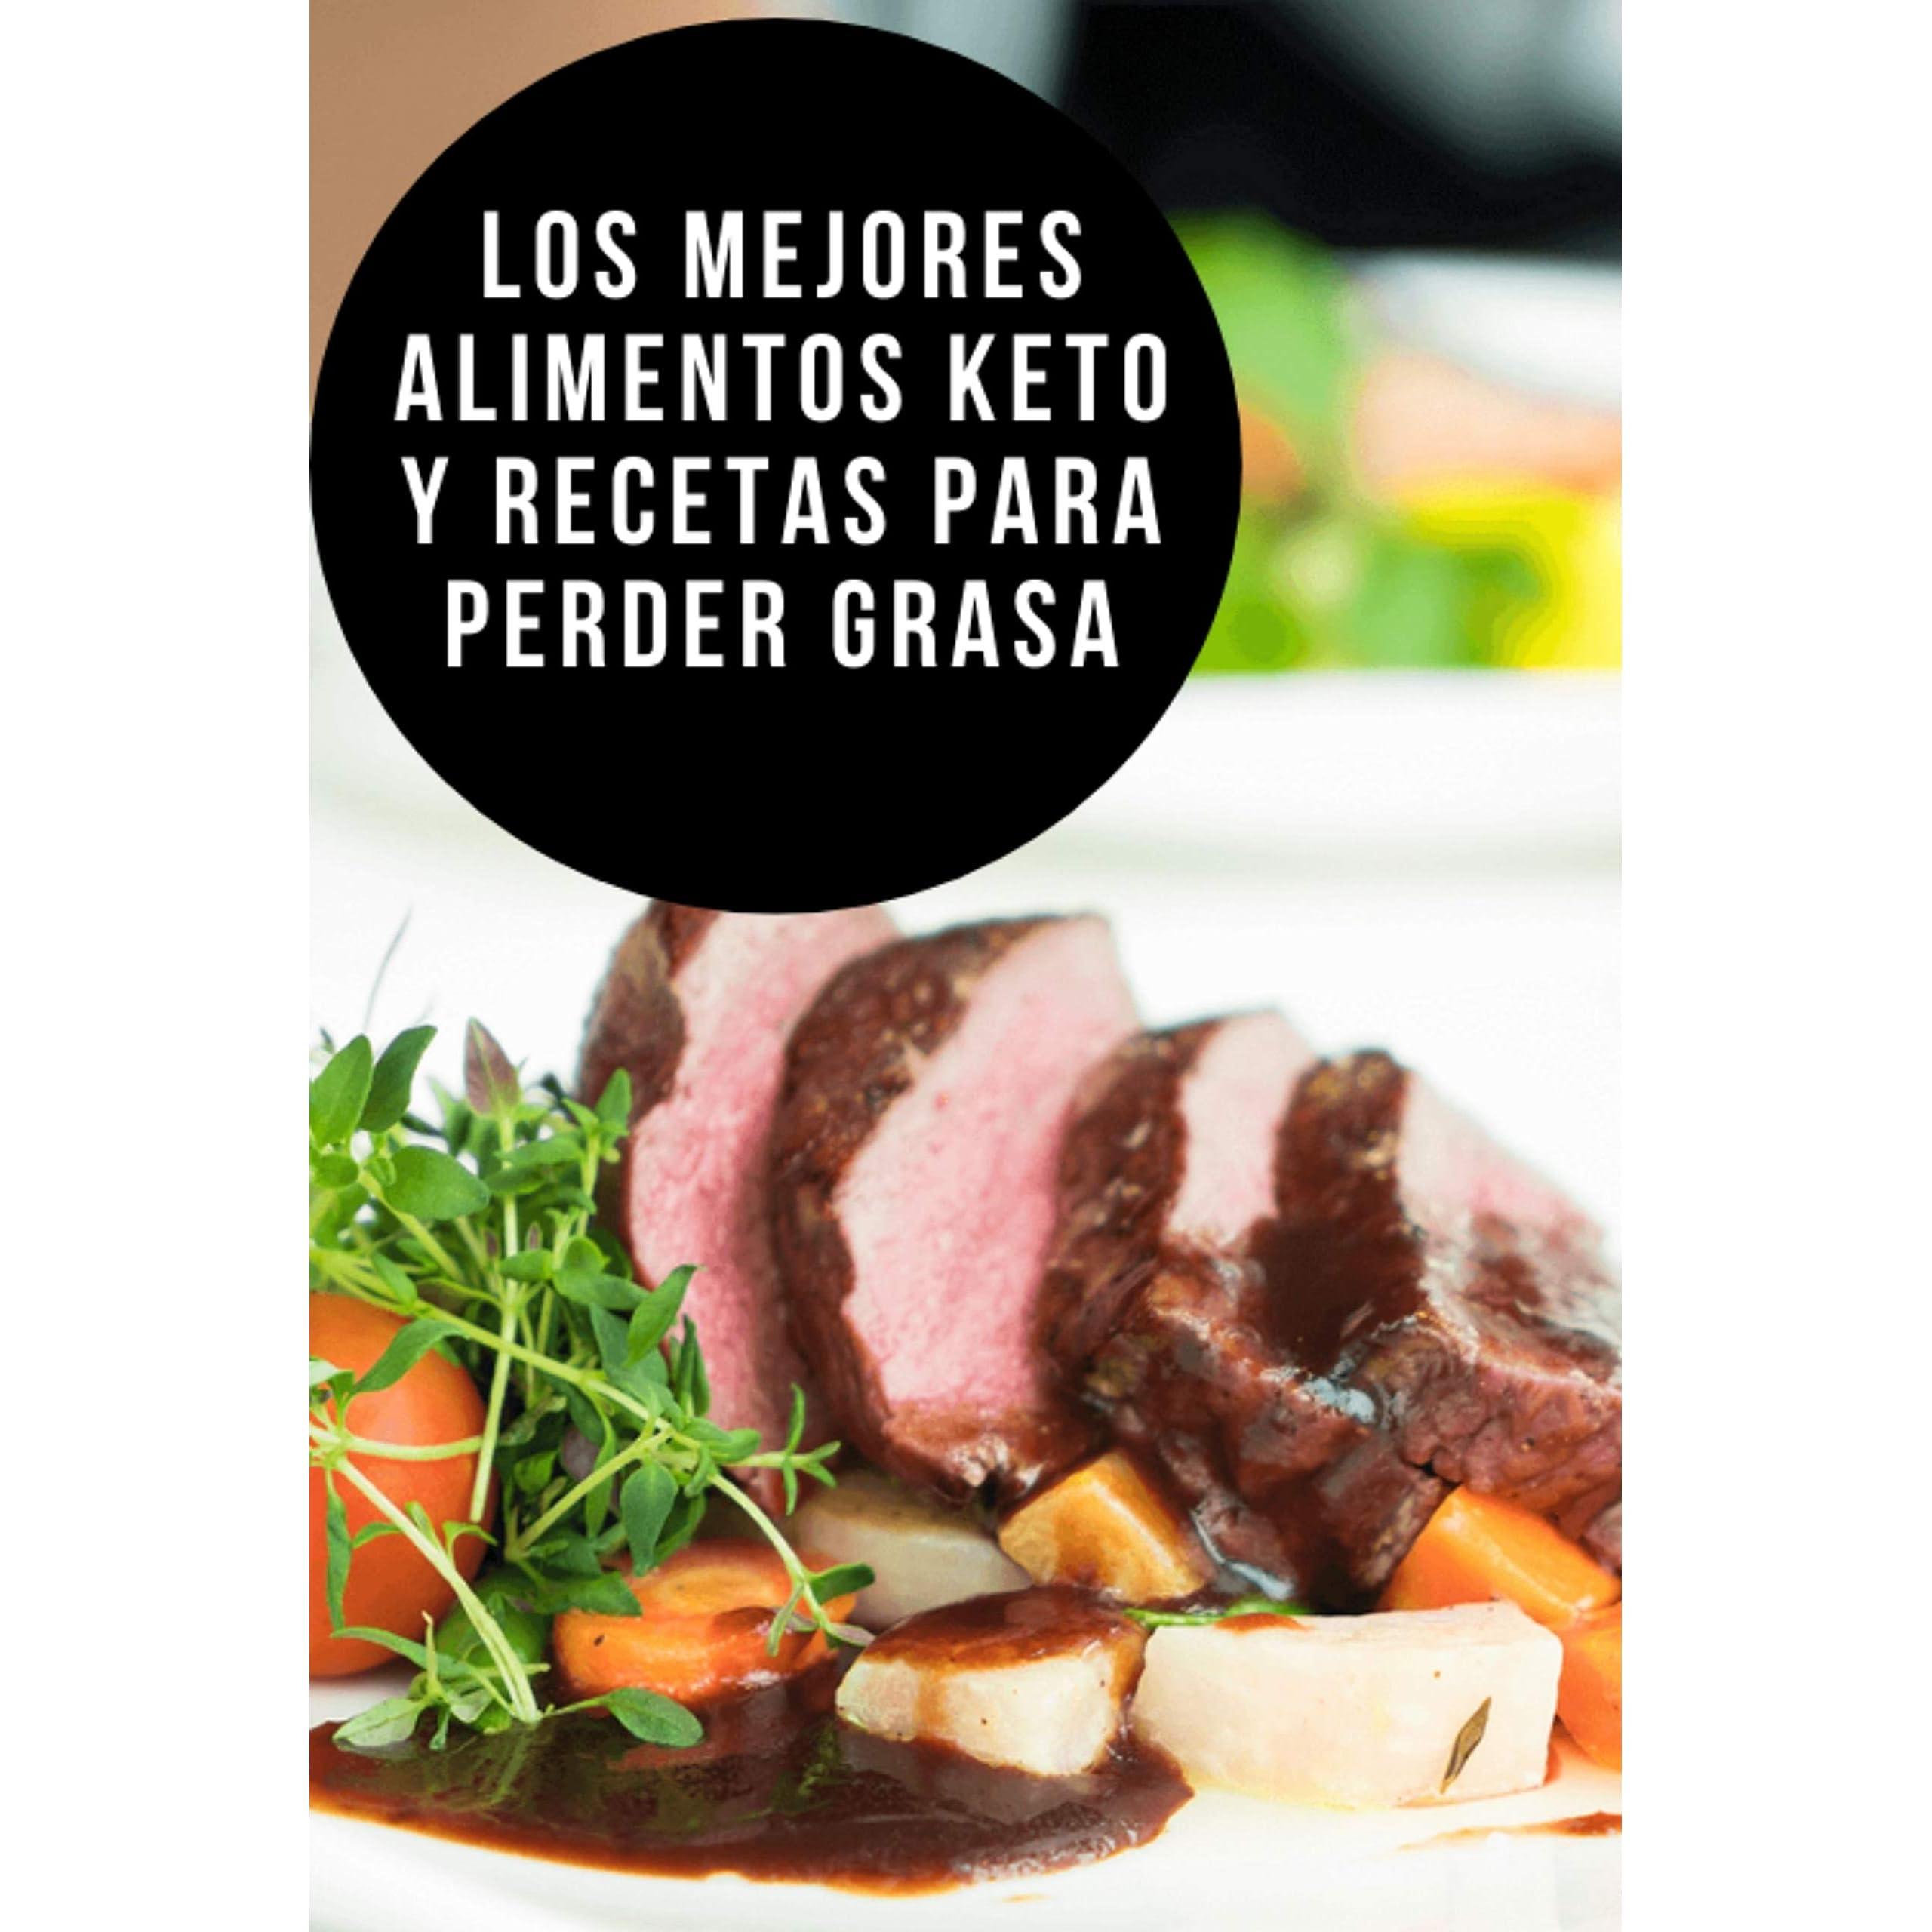 Los Mejores Alimentos Keto Y Recetas Para Perder Grasa By Claudeci Ramos